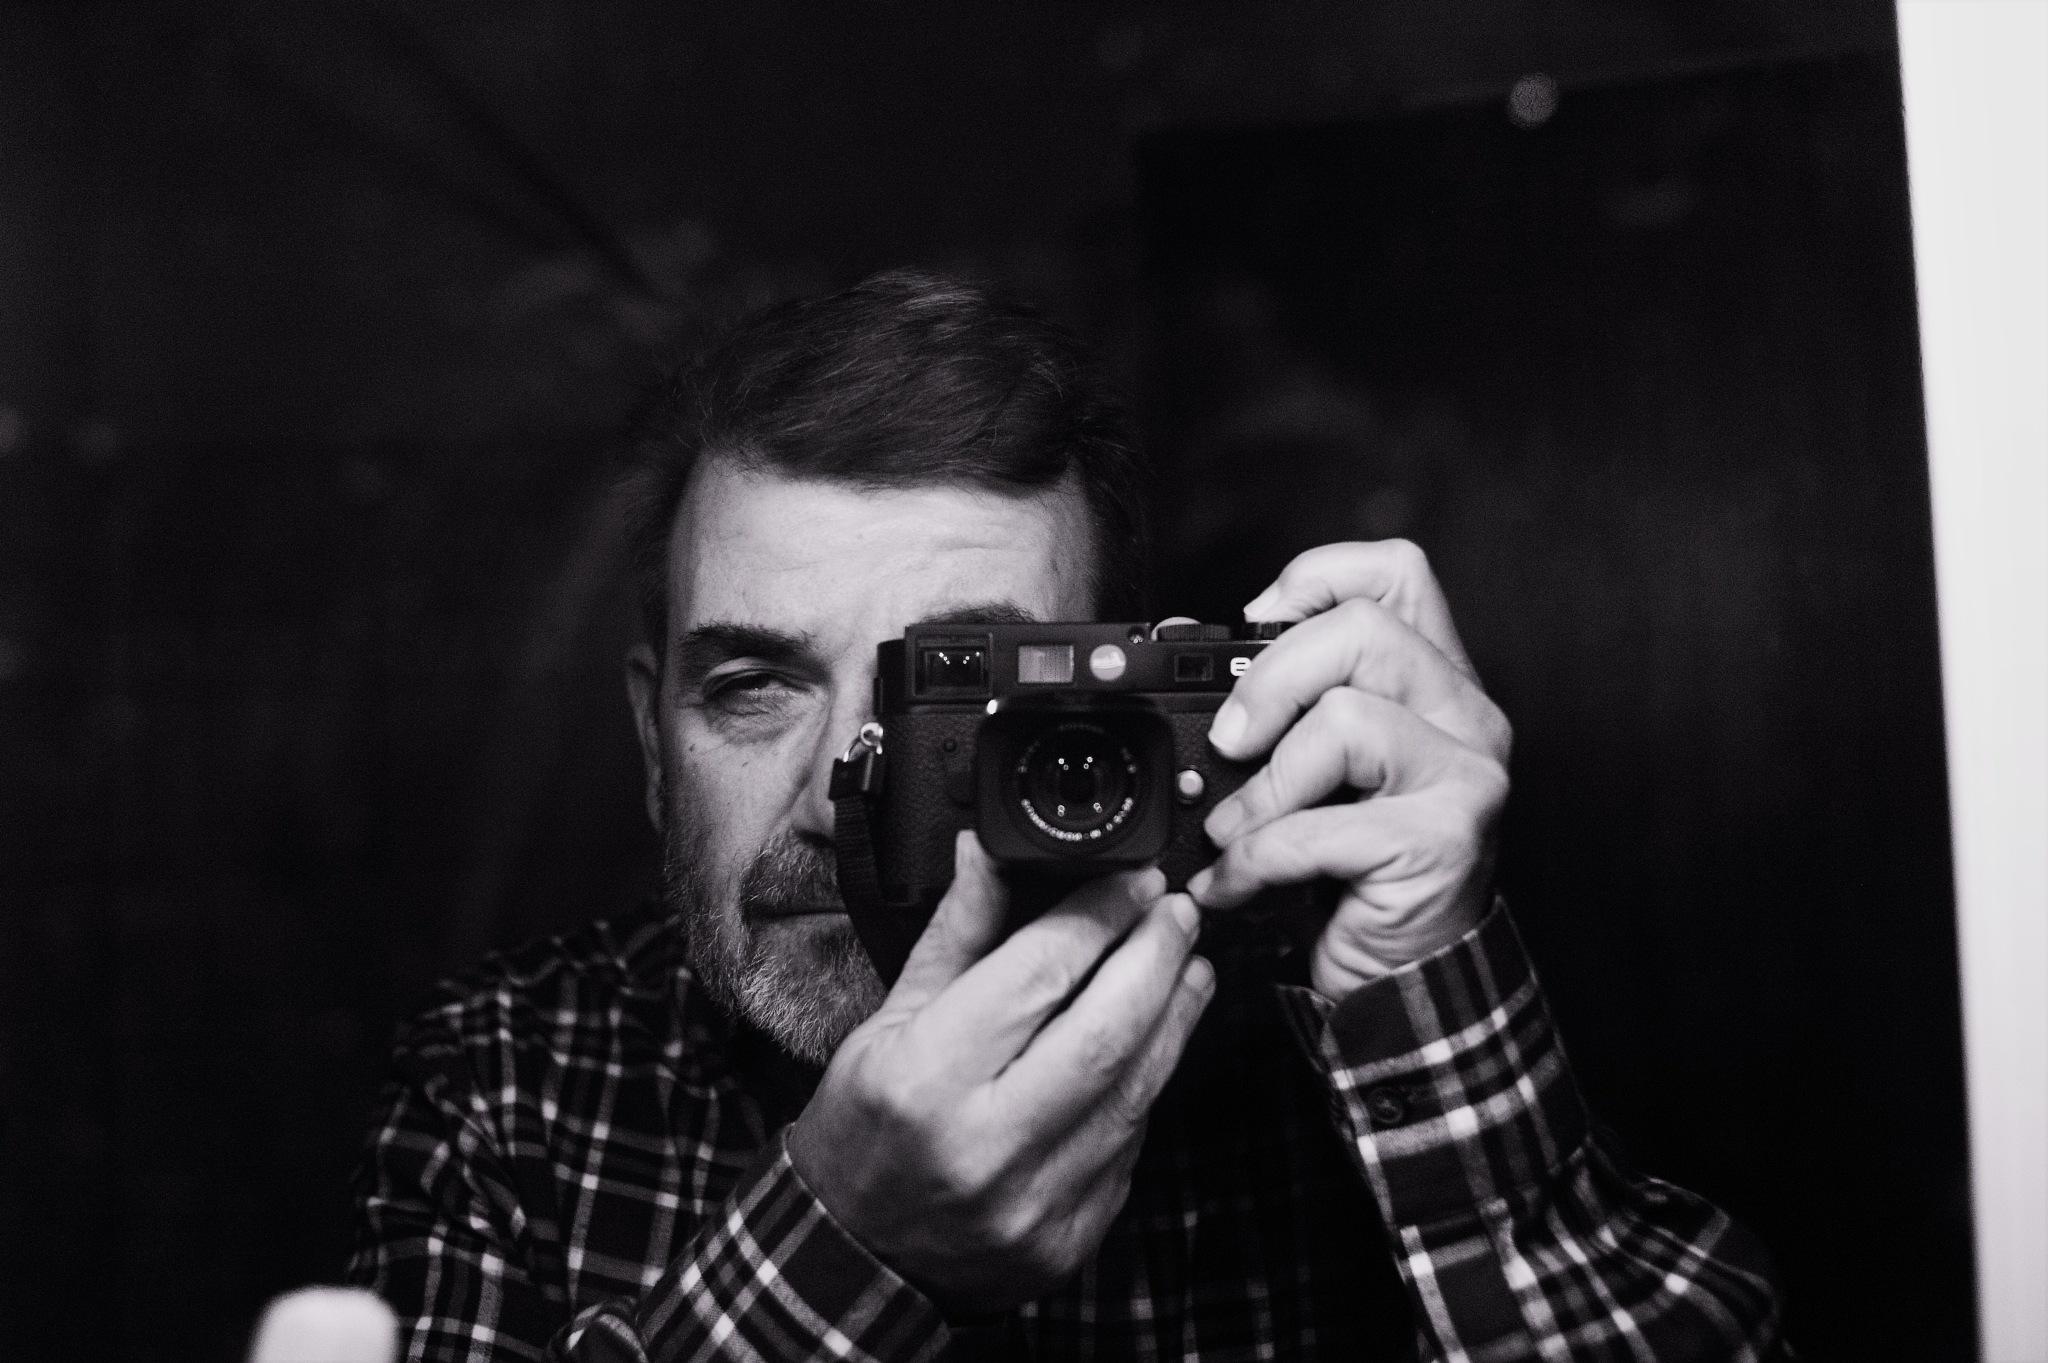 selfie by terzis george